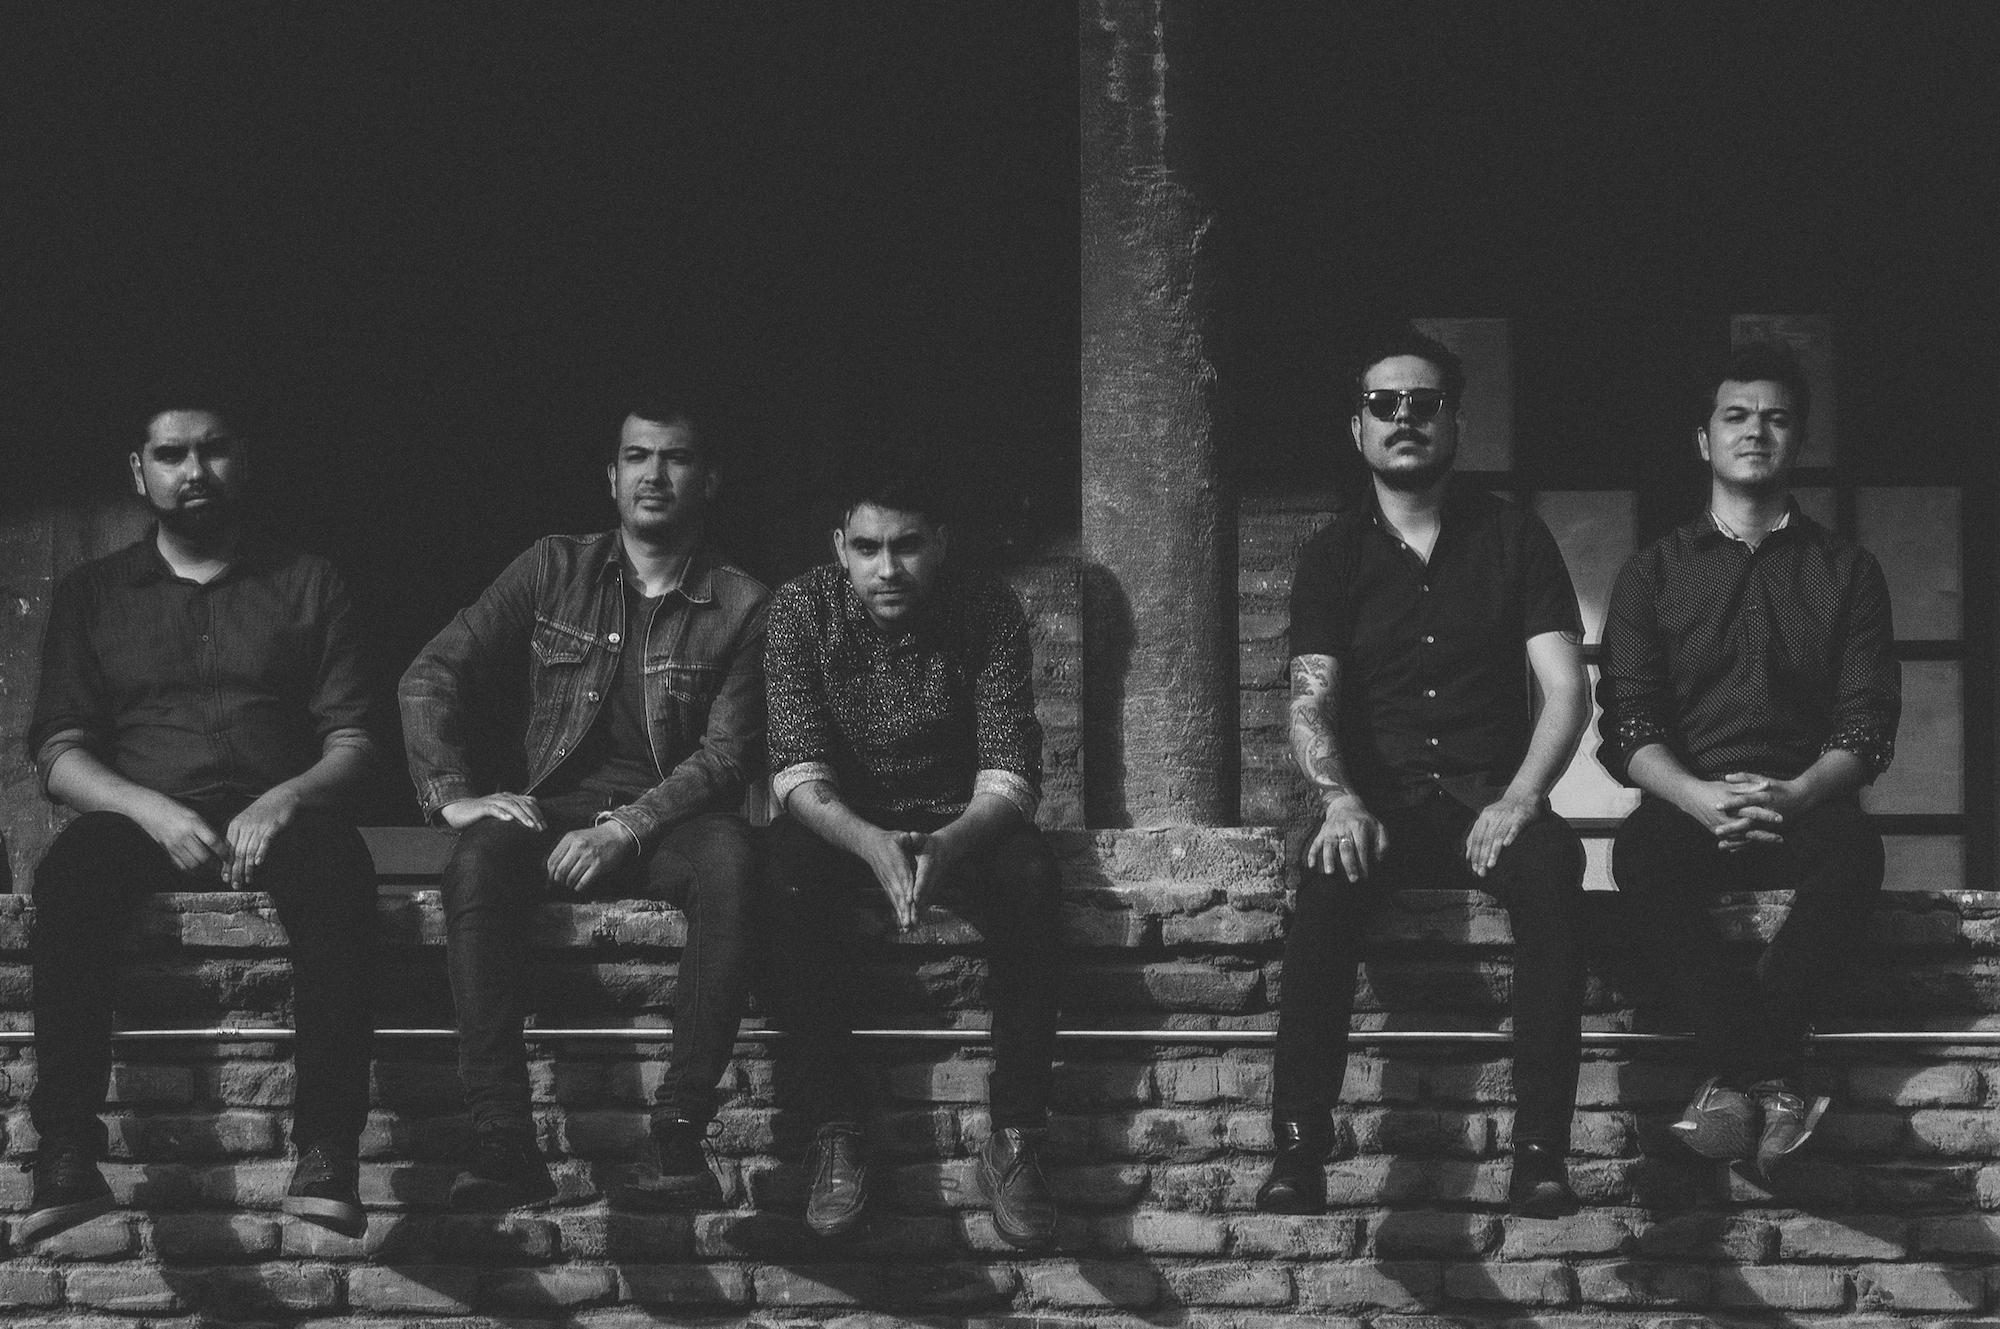 Meridiano de Zürich lanza SurOriental, el primer adelanto de su álbum debut bajo el sello LeRockPsicophonique